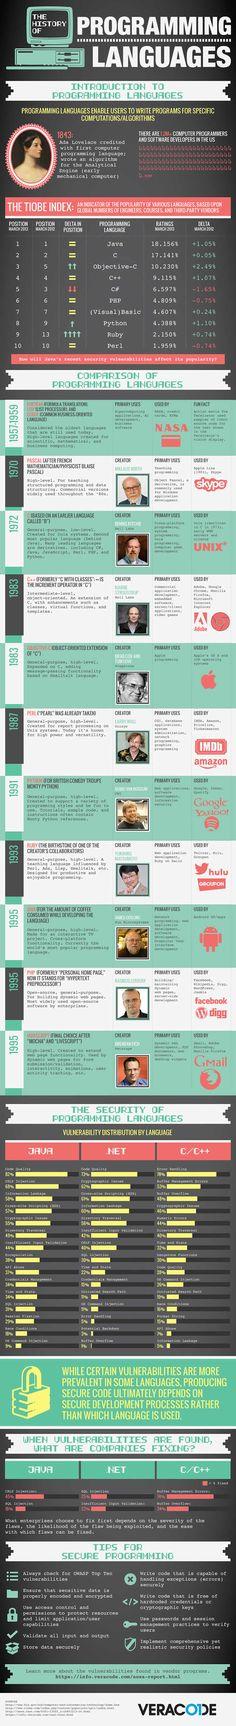 La Storia dei Linguaggi di Programmazione in un Infografica